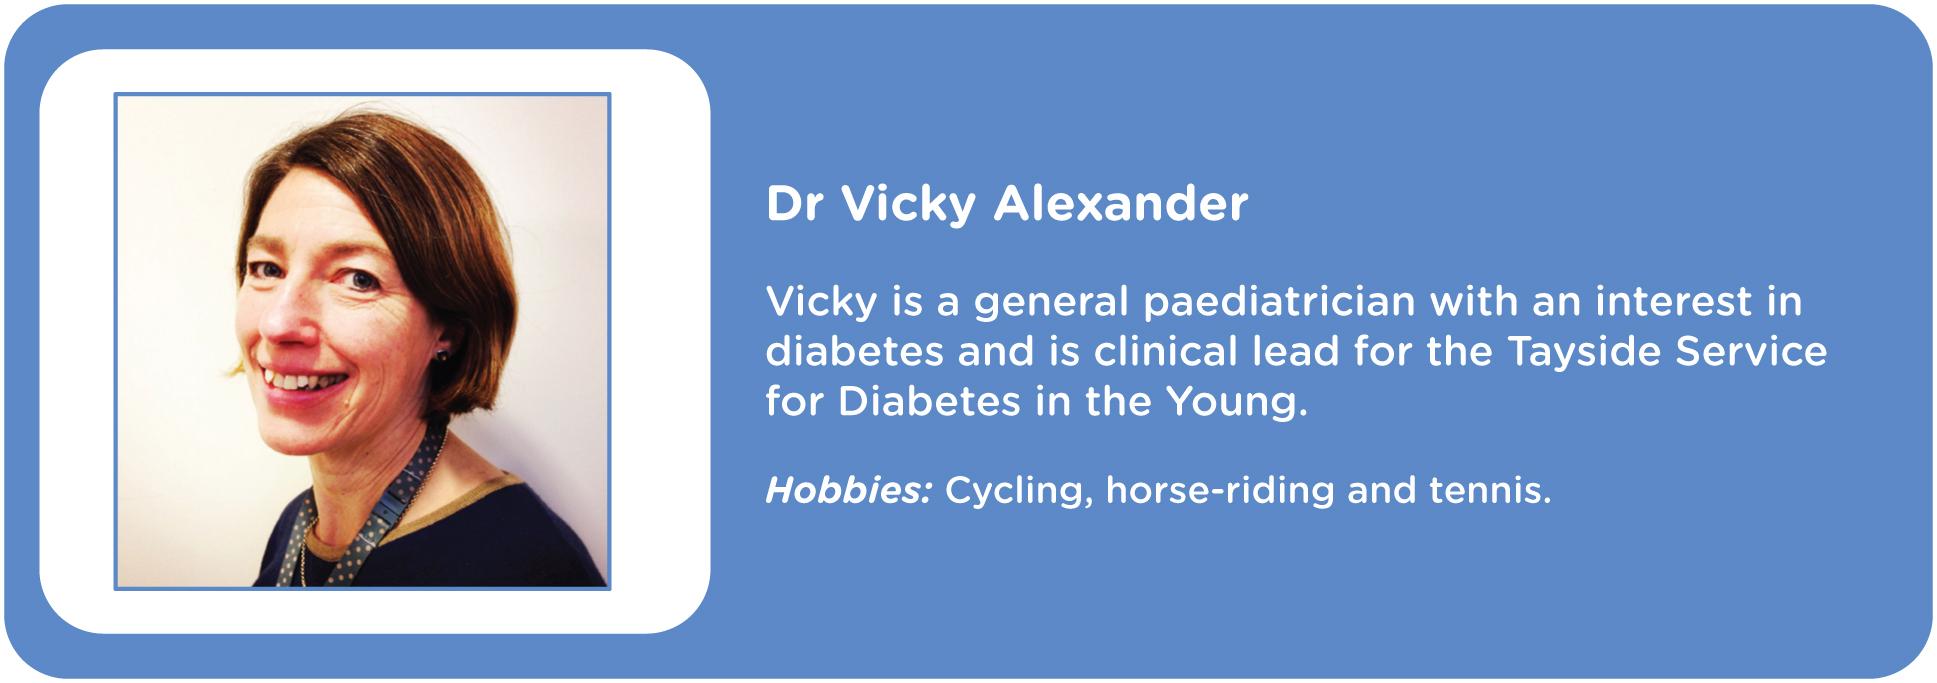 Vicky Alexander